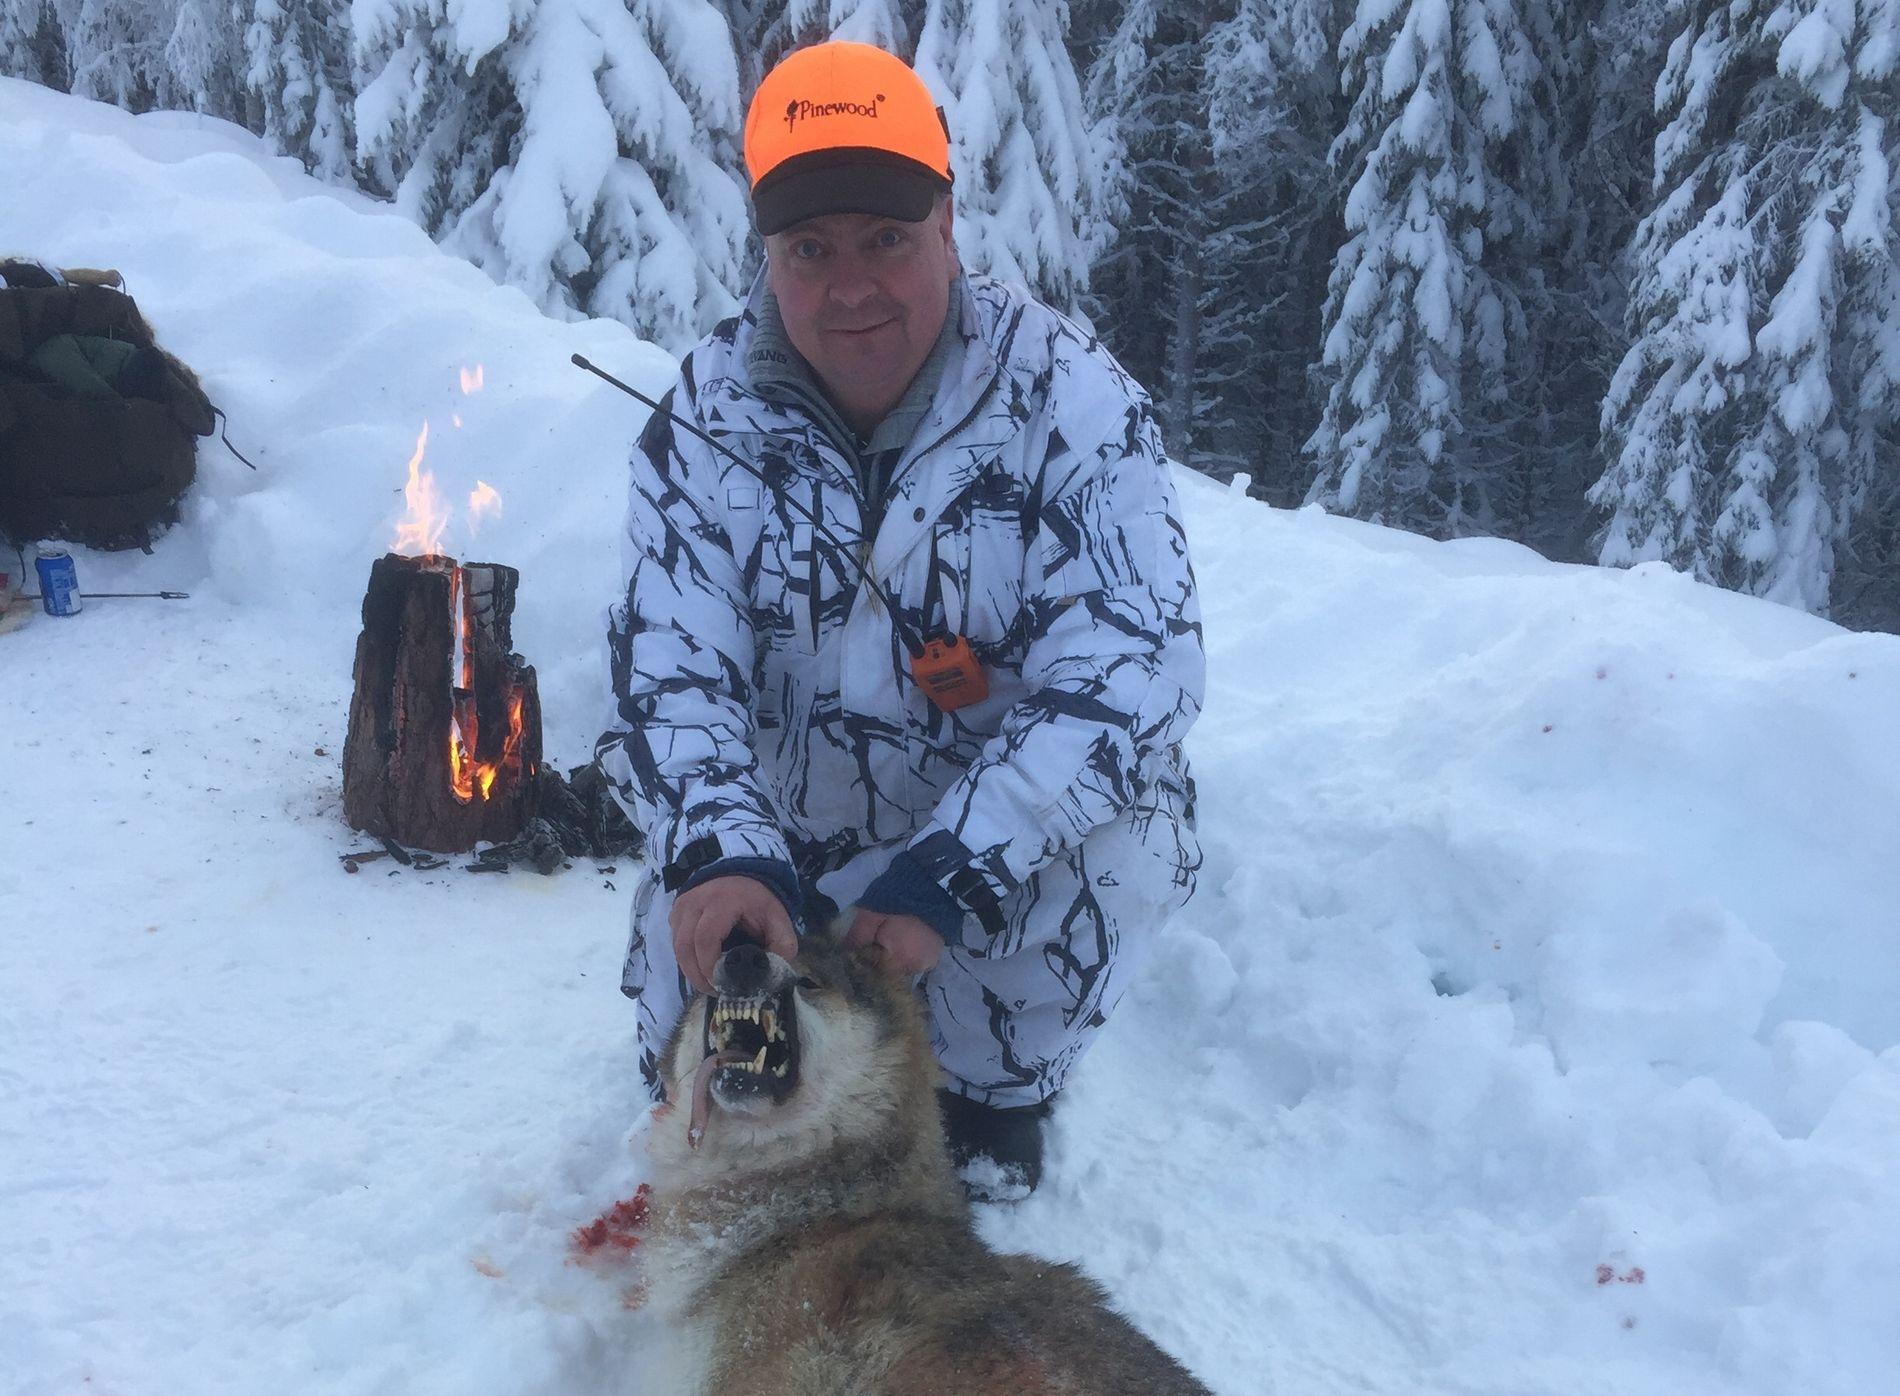 JAKTER I ULVESONEN: Arne Sveen er jaktleder for Åmot jakt- og fiskeforening, og leder jaktlaget som jakter på Julussaflokken. Her fotografert med alfahannen som ble skutt tirsdag. Han forteller at han opplever hets i sosiale medier for deltakelsen i jakten.